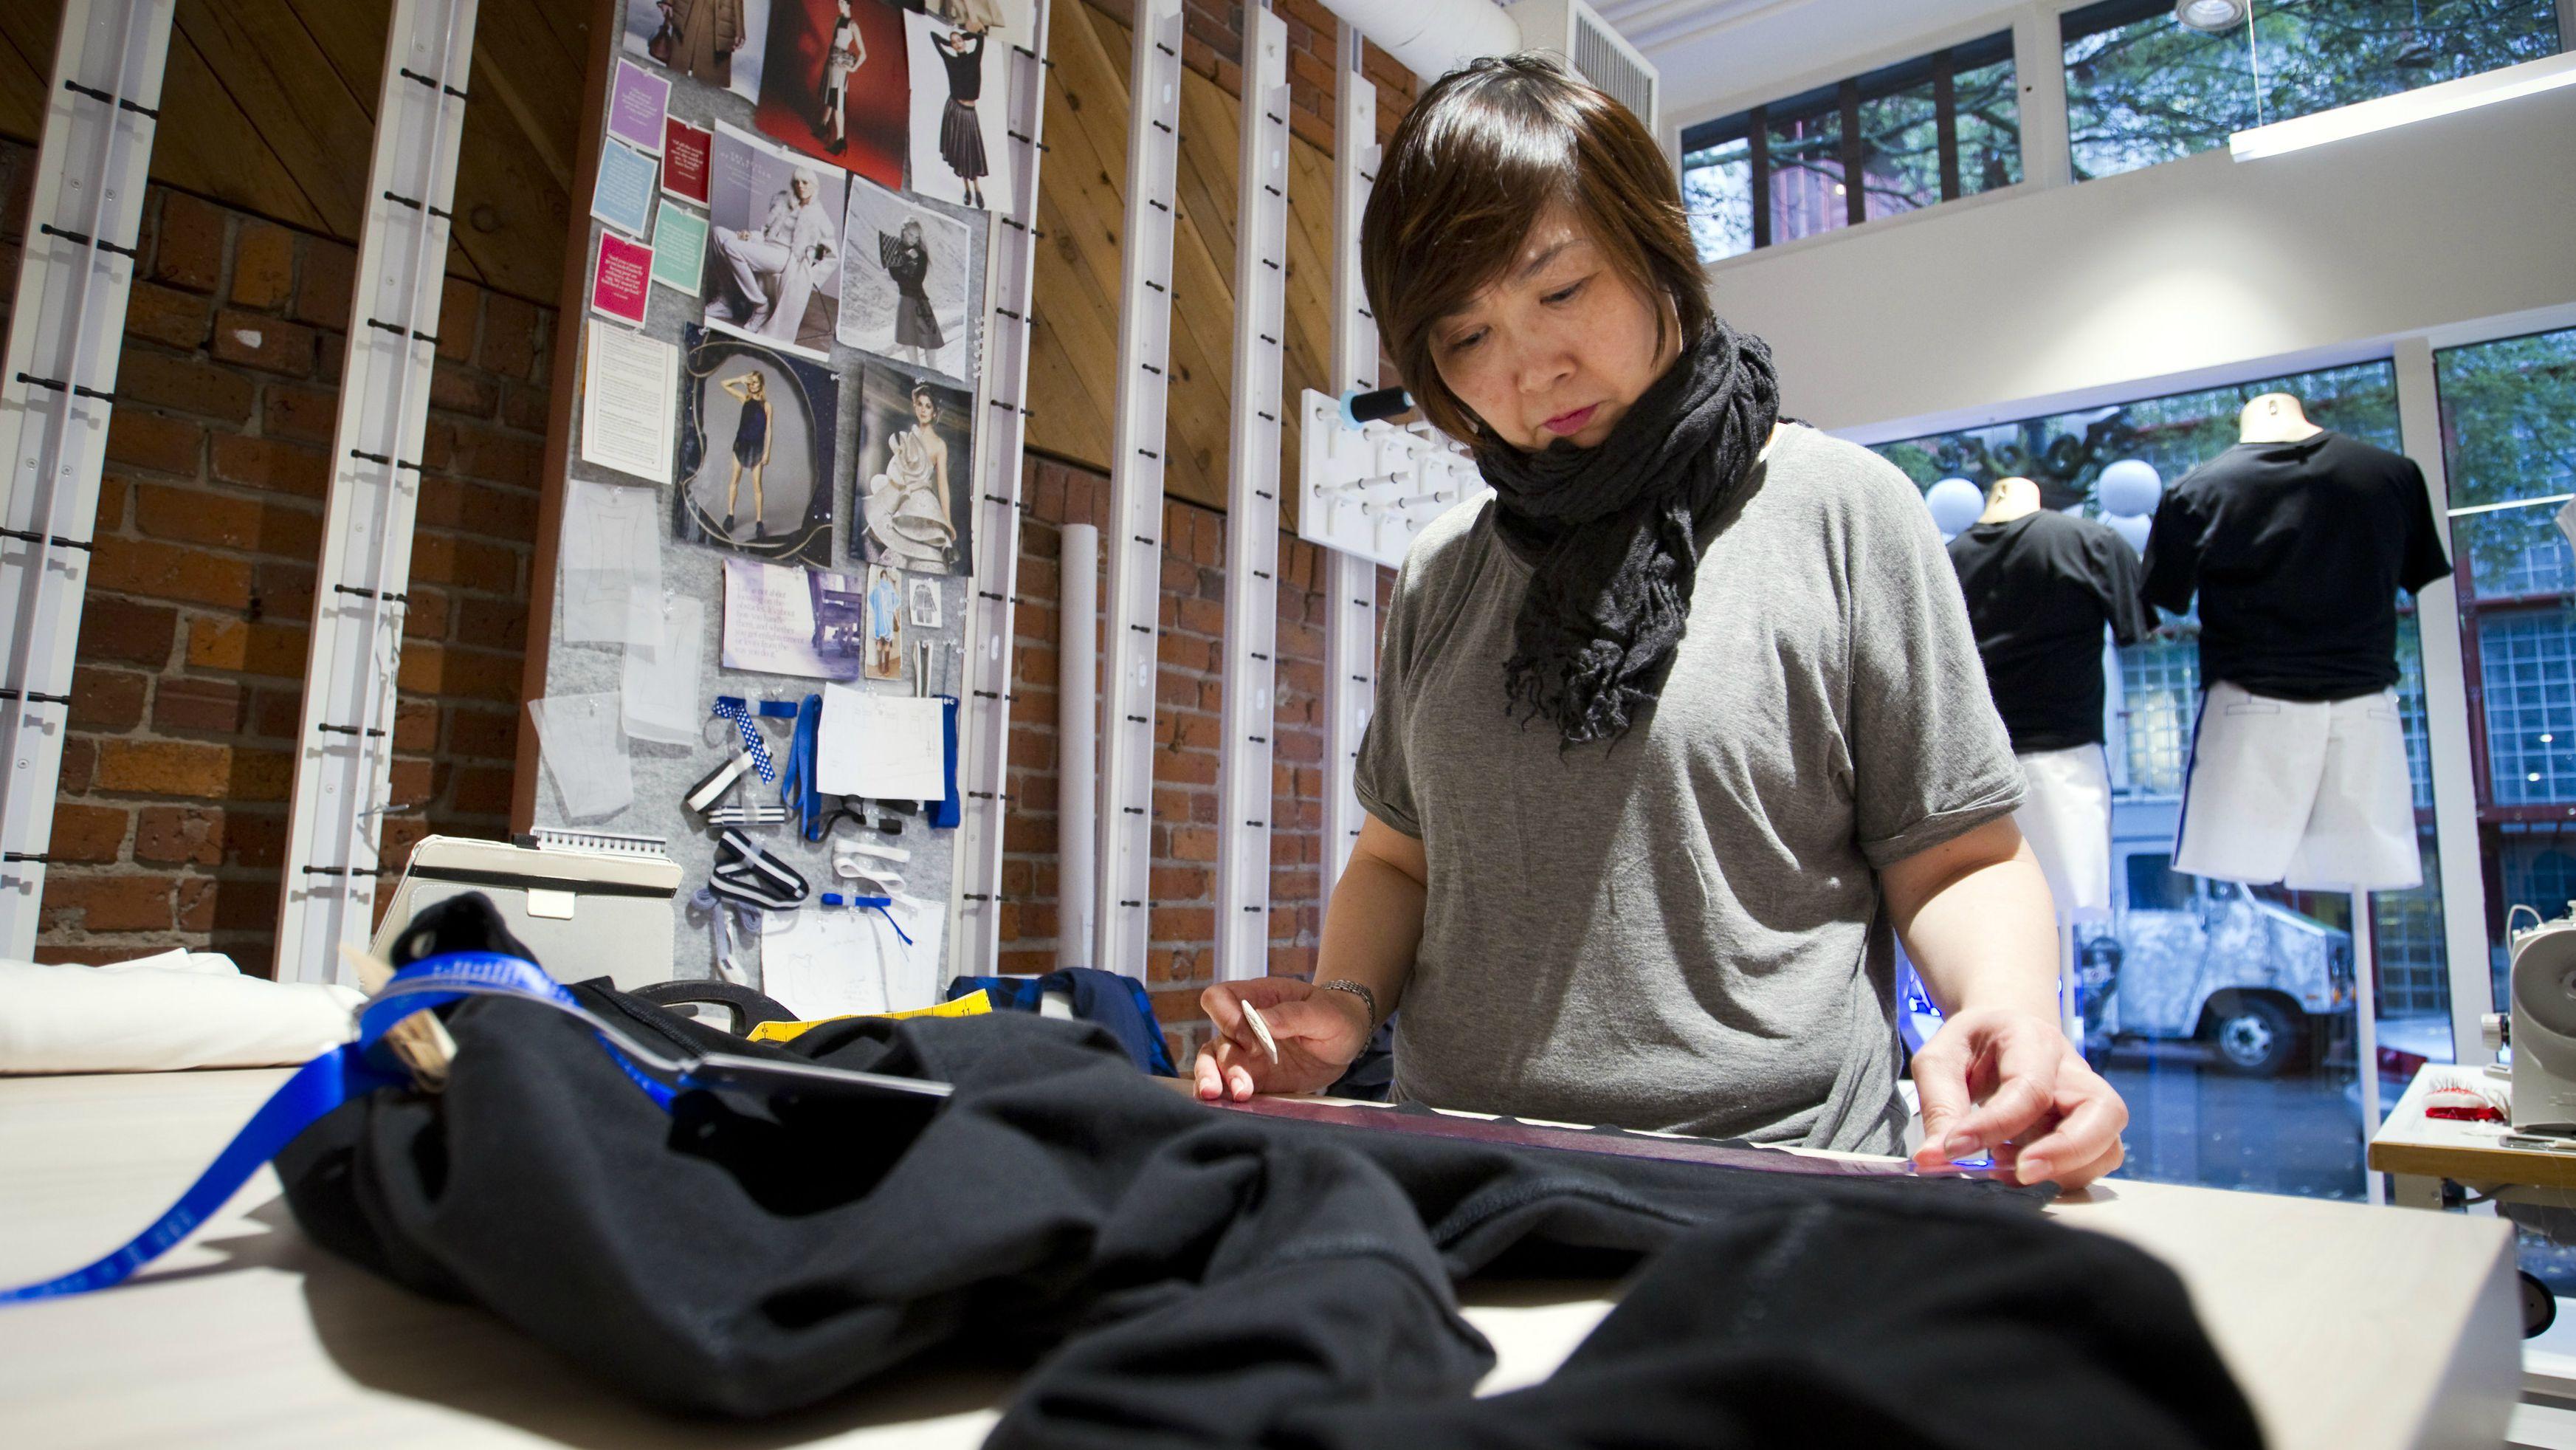 kit and ace, lululemon, athleisure, clothing designer, fashion